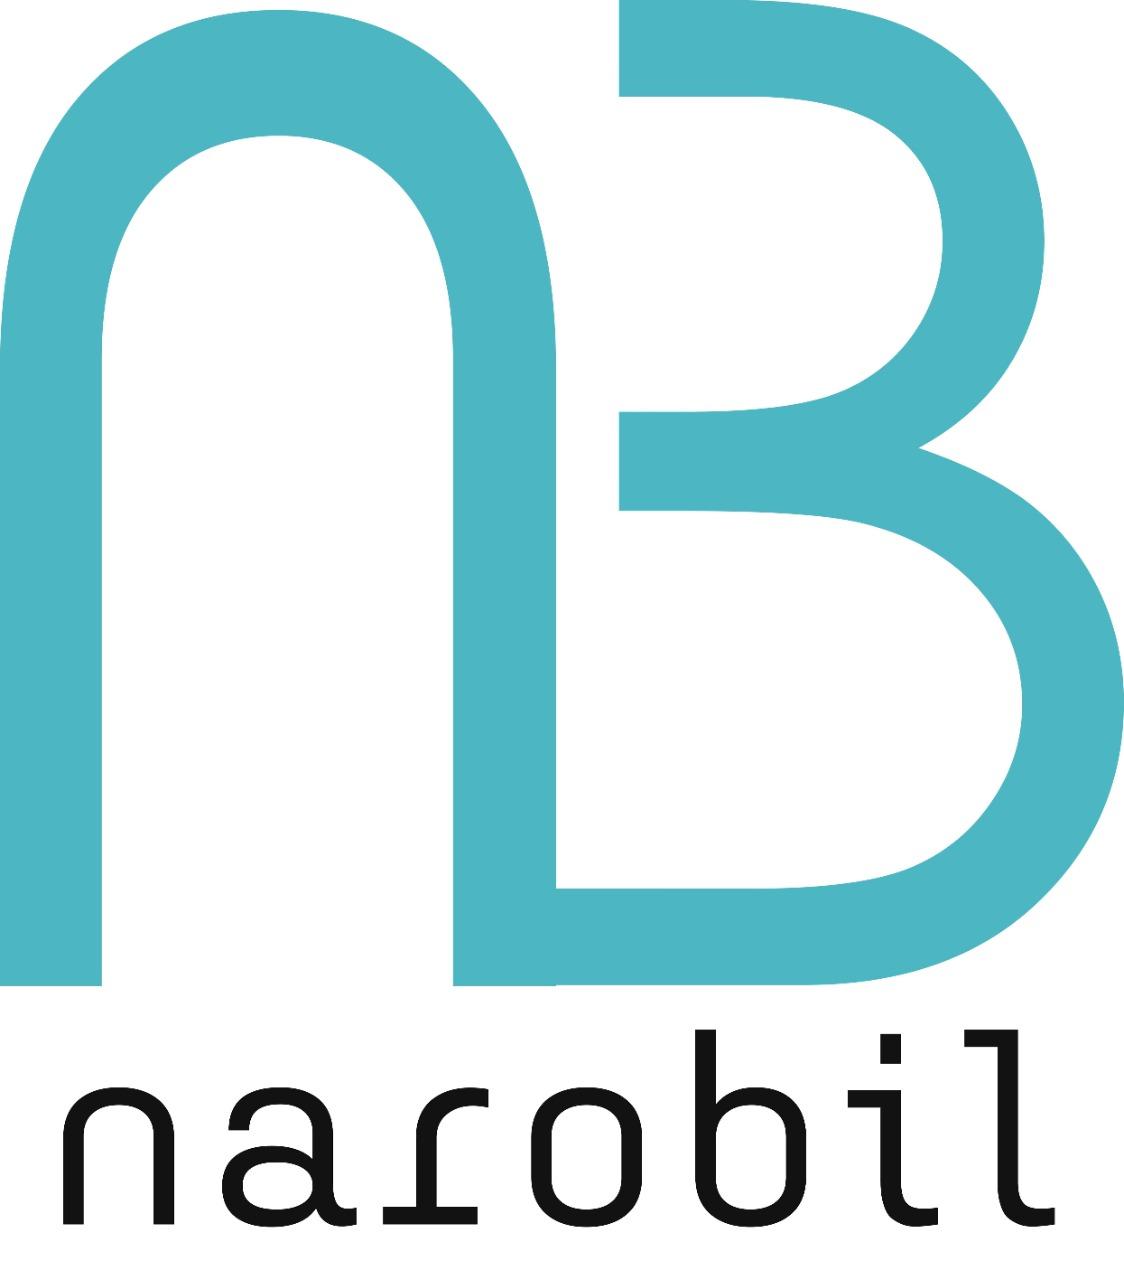 Narobil